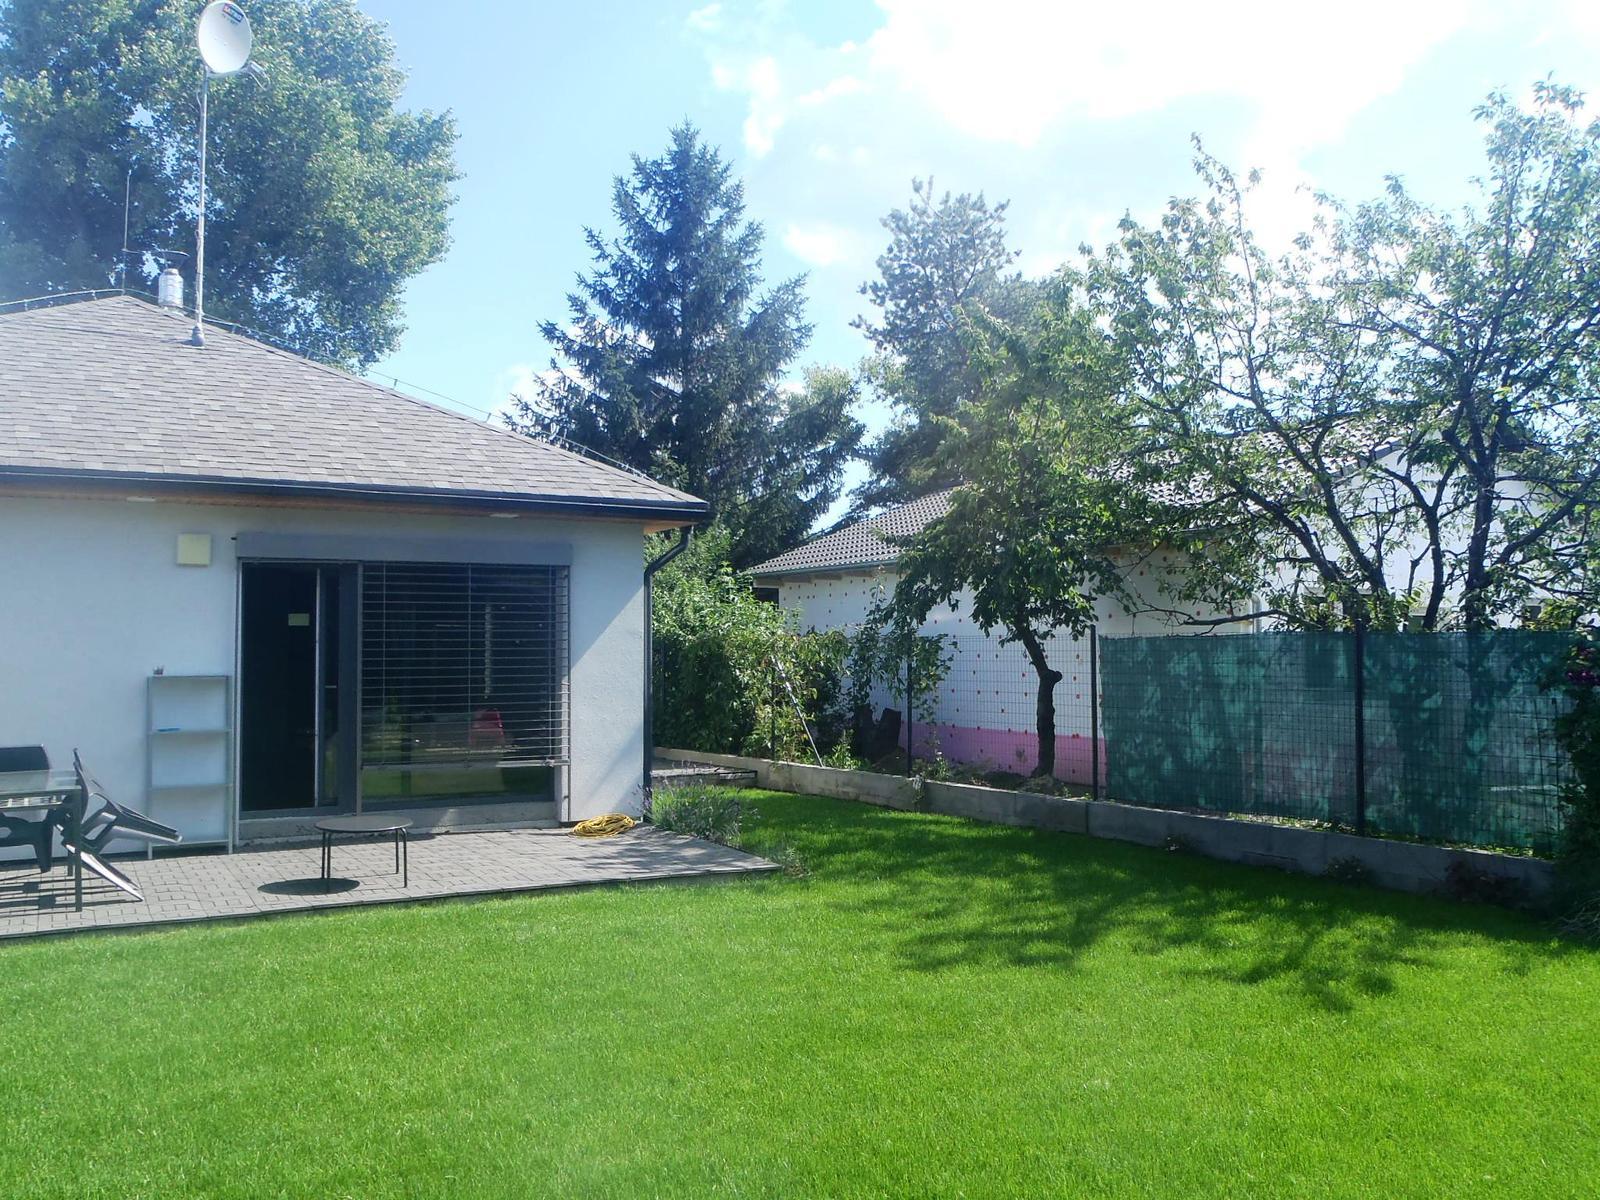 Záhradka - Novy sused na vedľajšom pozemku. Našťastie bungalov. Ale asi sa strešným oknám v obývačke nevyhnem. :-( Cez zimu to odsledujem, koľko bude tieniť.